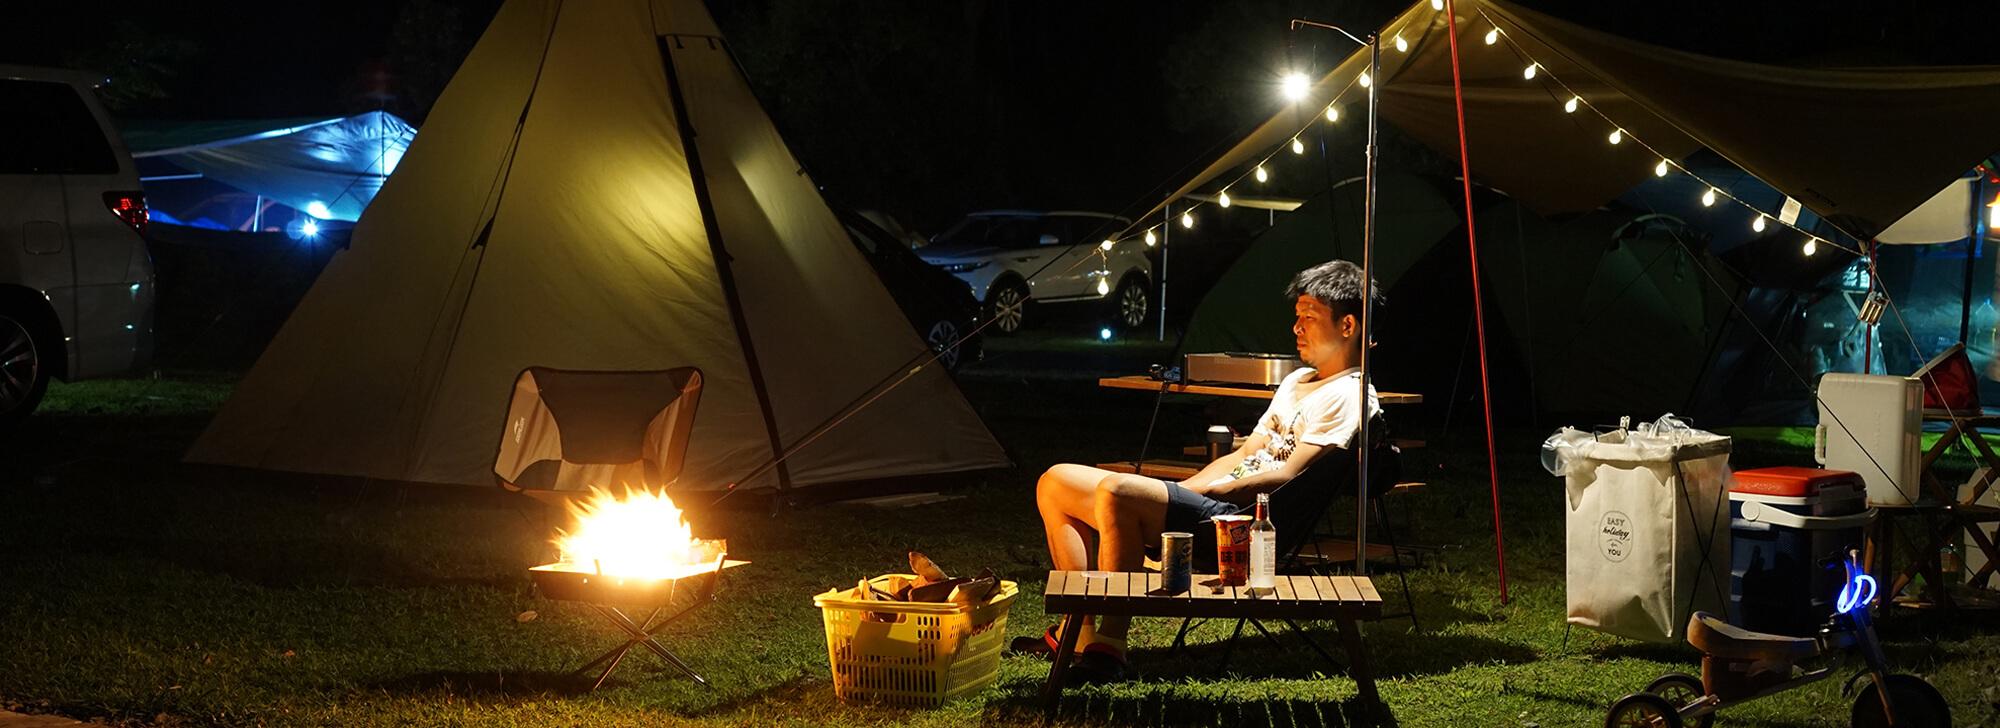 カテゴリー用キャンプ写真